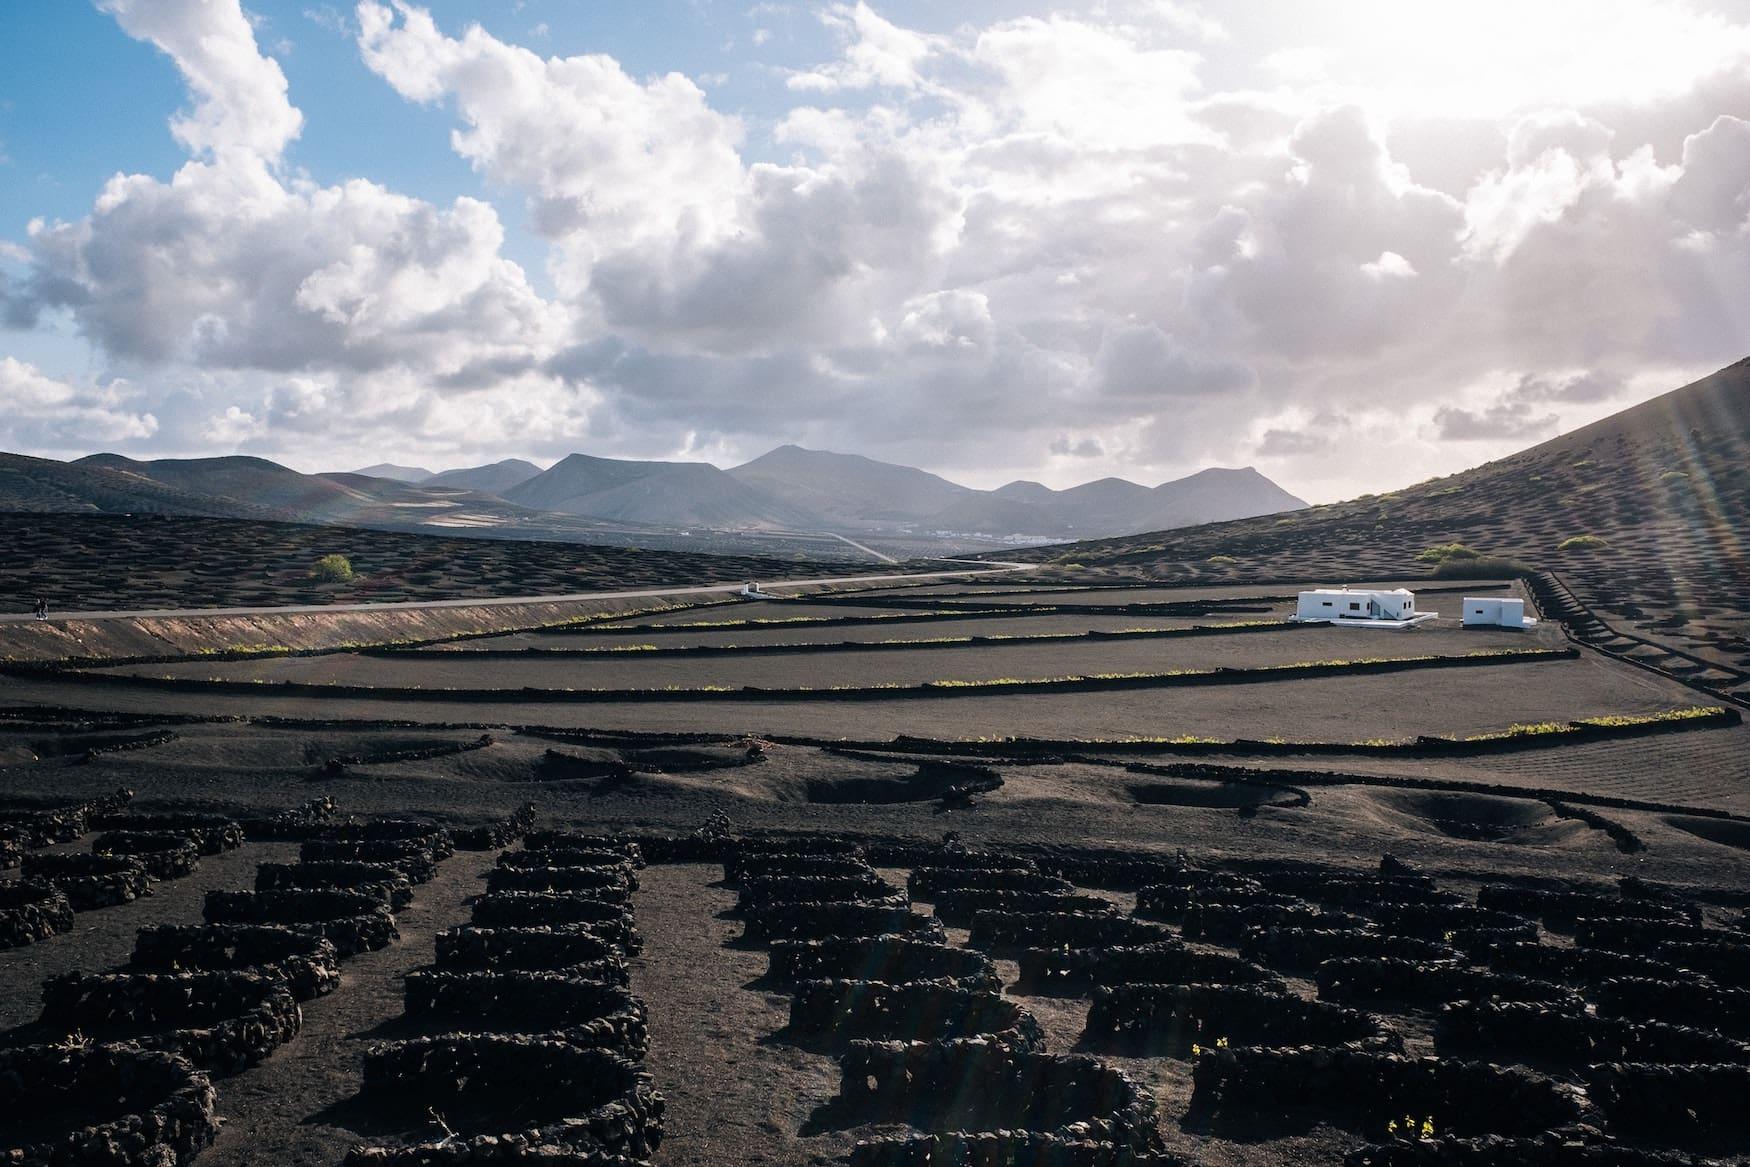 Zu unseren Lanzarote-Tipps zählt auf jeden fall ein Besuch des Weinanbaugebiets La Geria